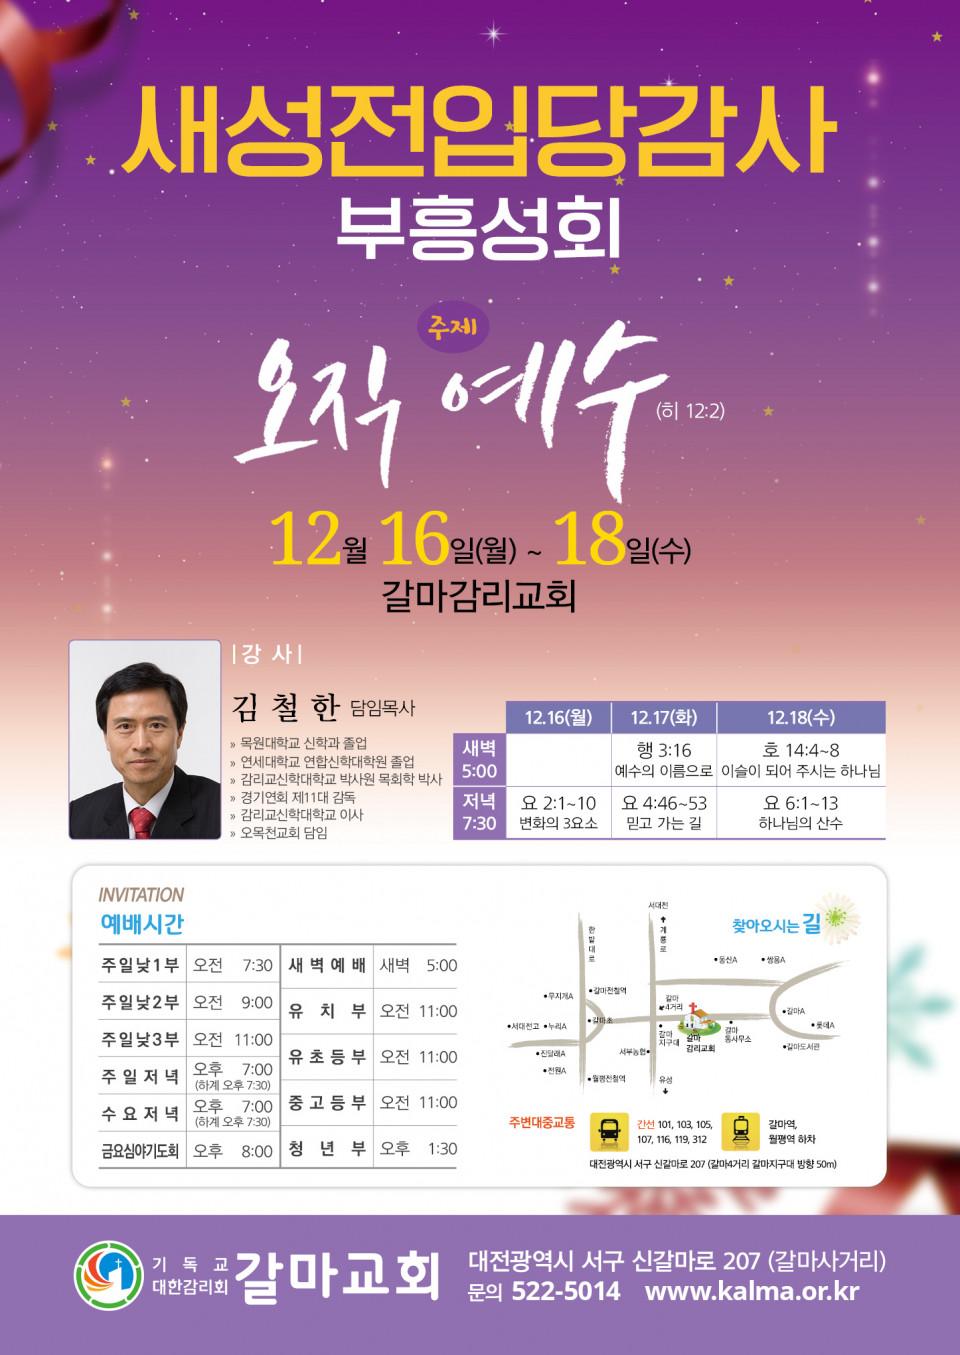 갈마교회_김철한감독_초청부흥회전단_04.jpg